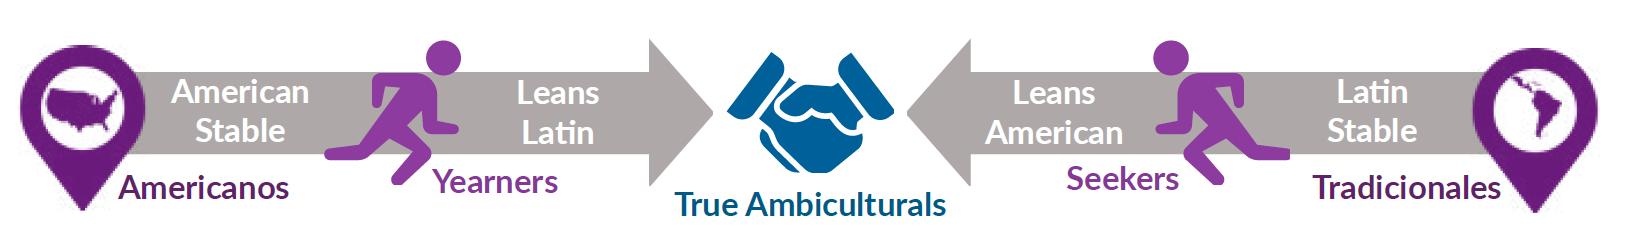 Ambicultural Fluidity Segments